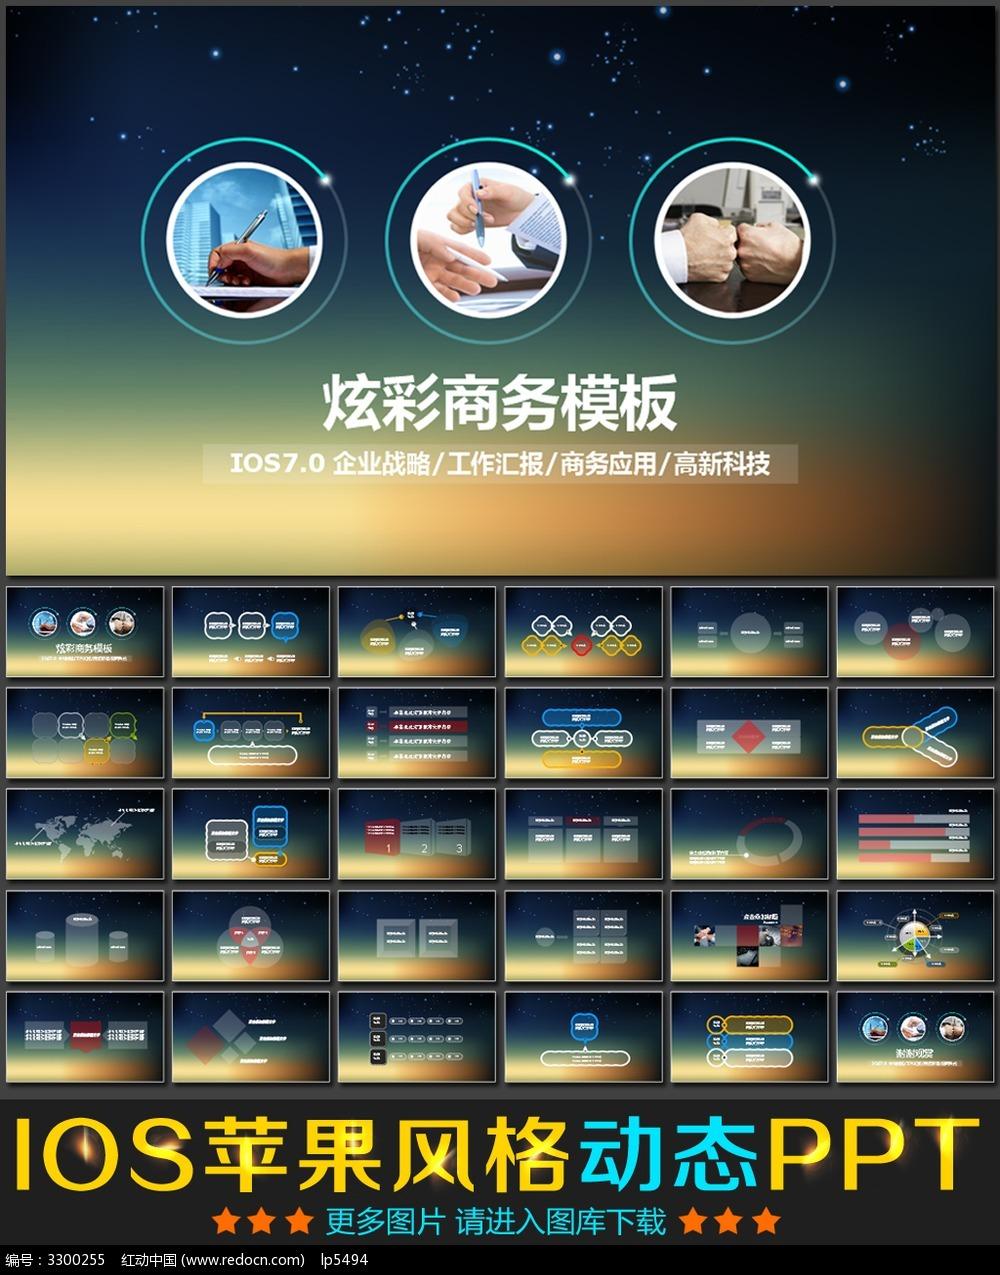 模板苹果ios7商务星空教学ppt动态听凡卡一课后的蓝色反思图片